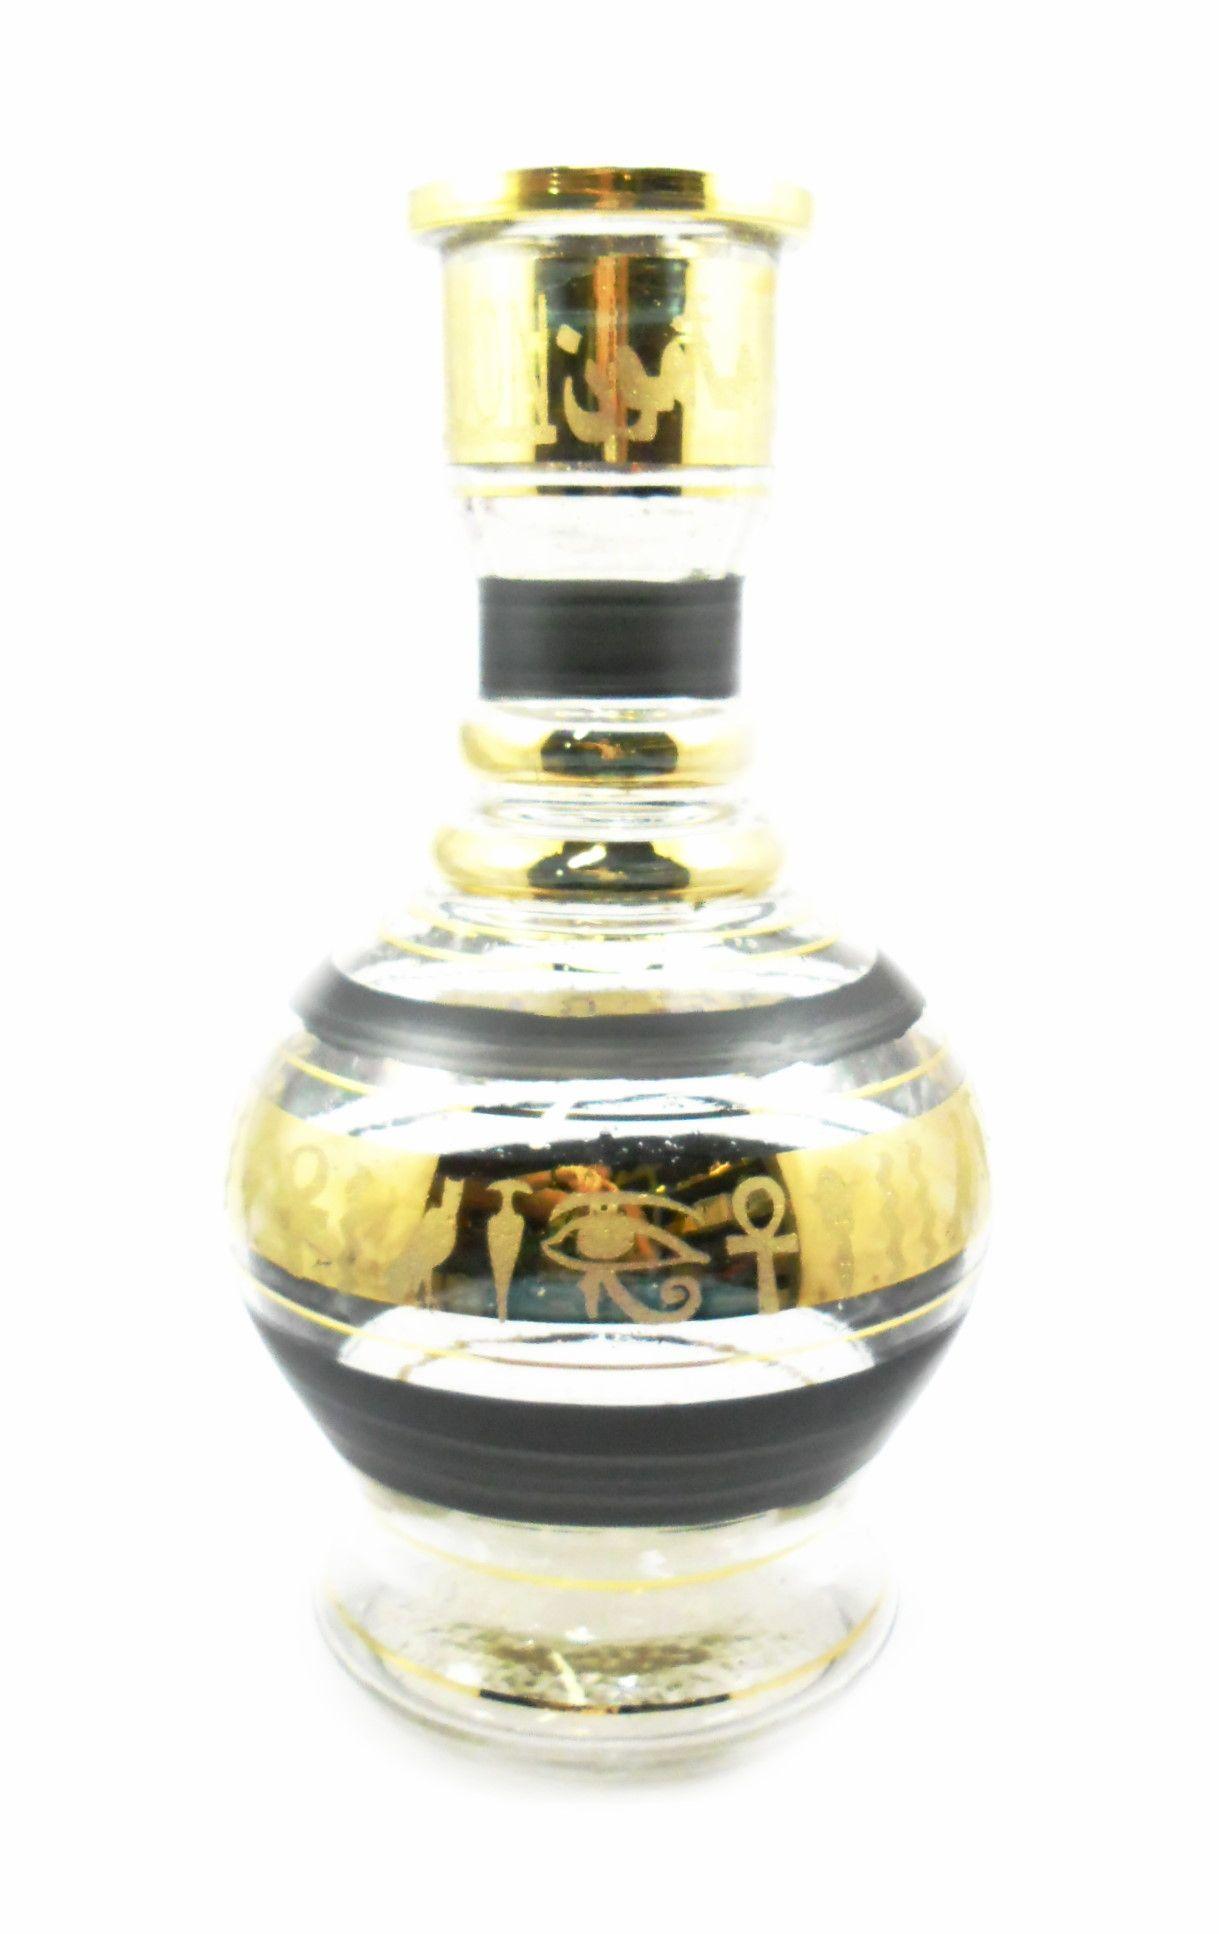 Vaso/base para narguile formato JUMBO 30cm vidro com pintura de listras horizontais em DOURADO.